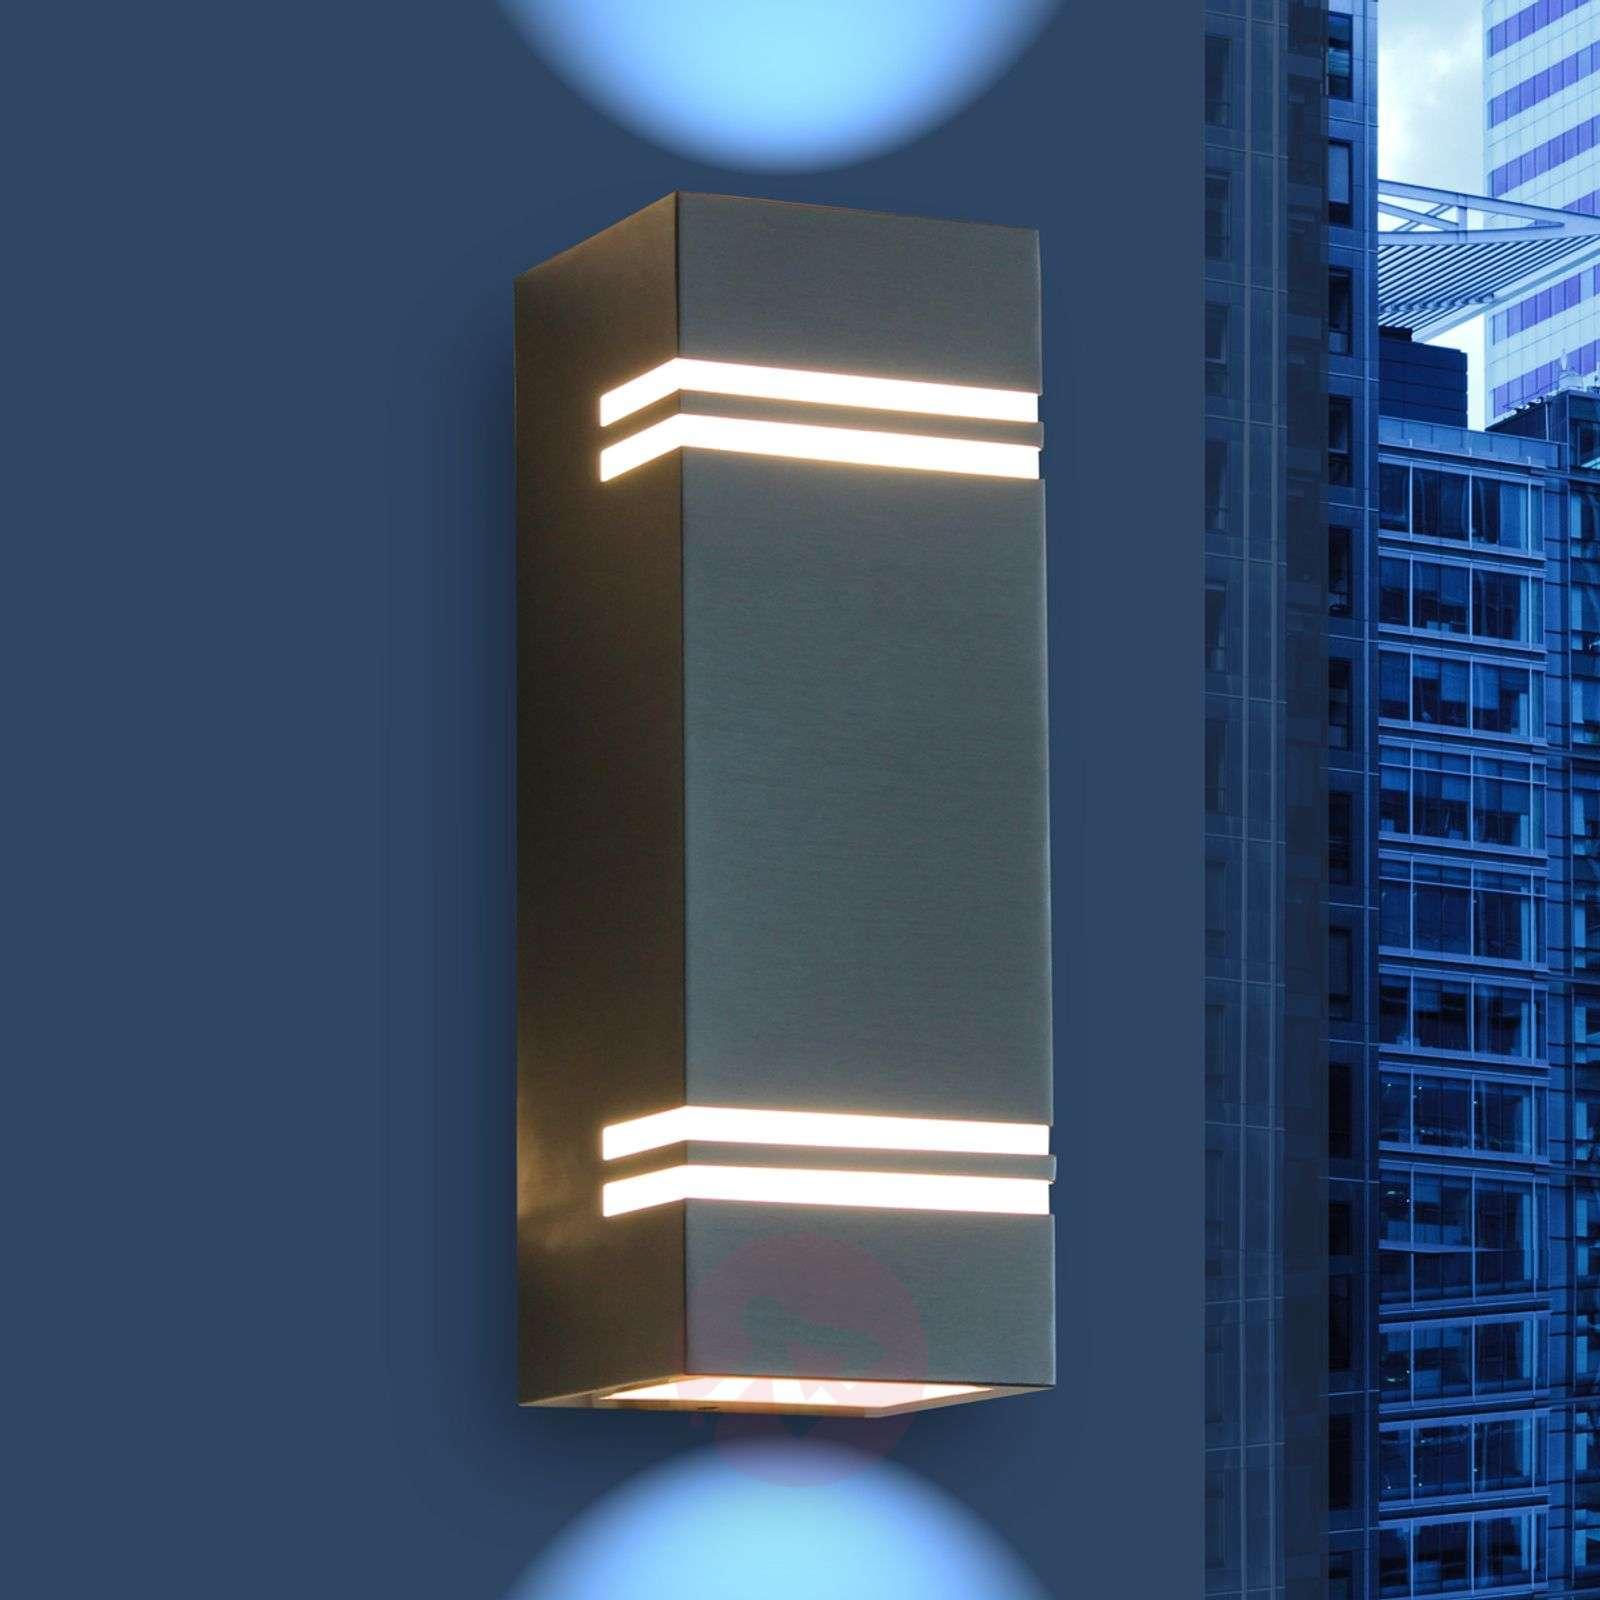 Moderni LED-ulkoseinävalaisin Stripes-3006330-01